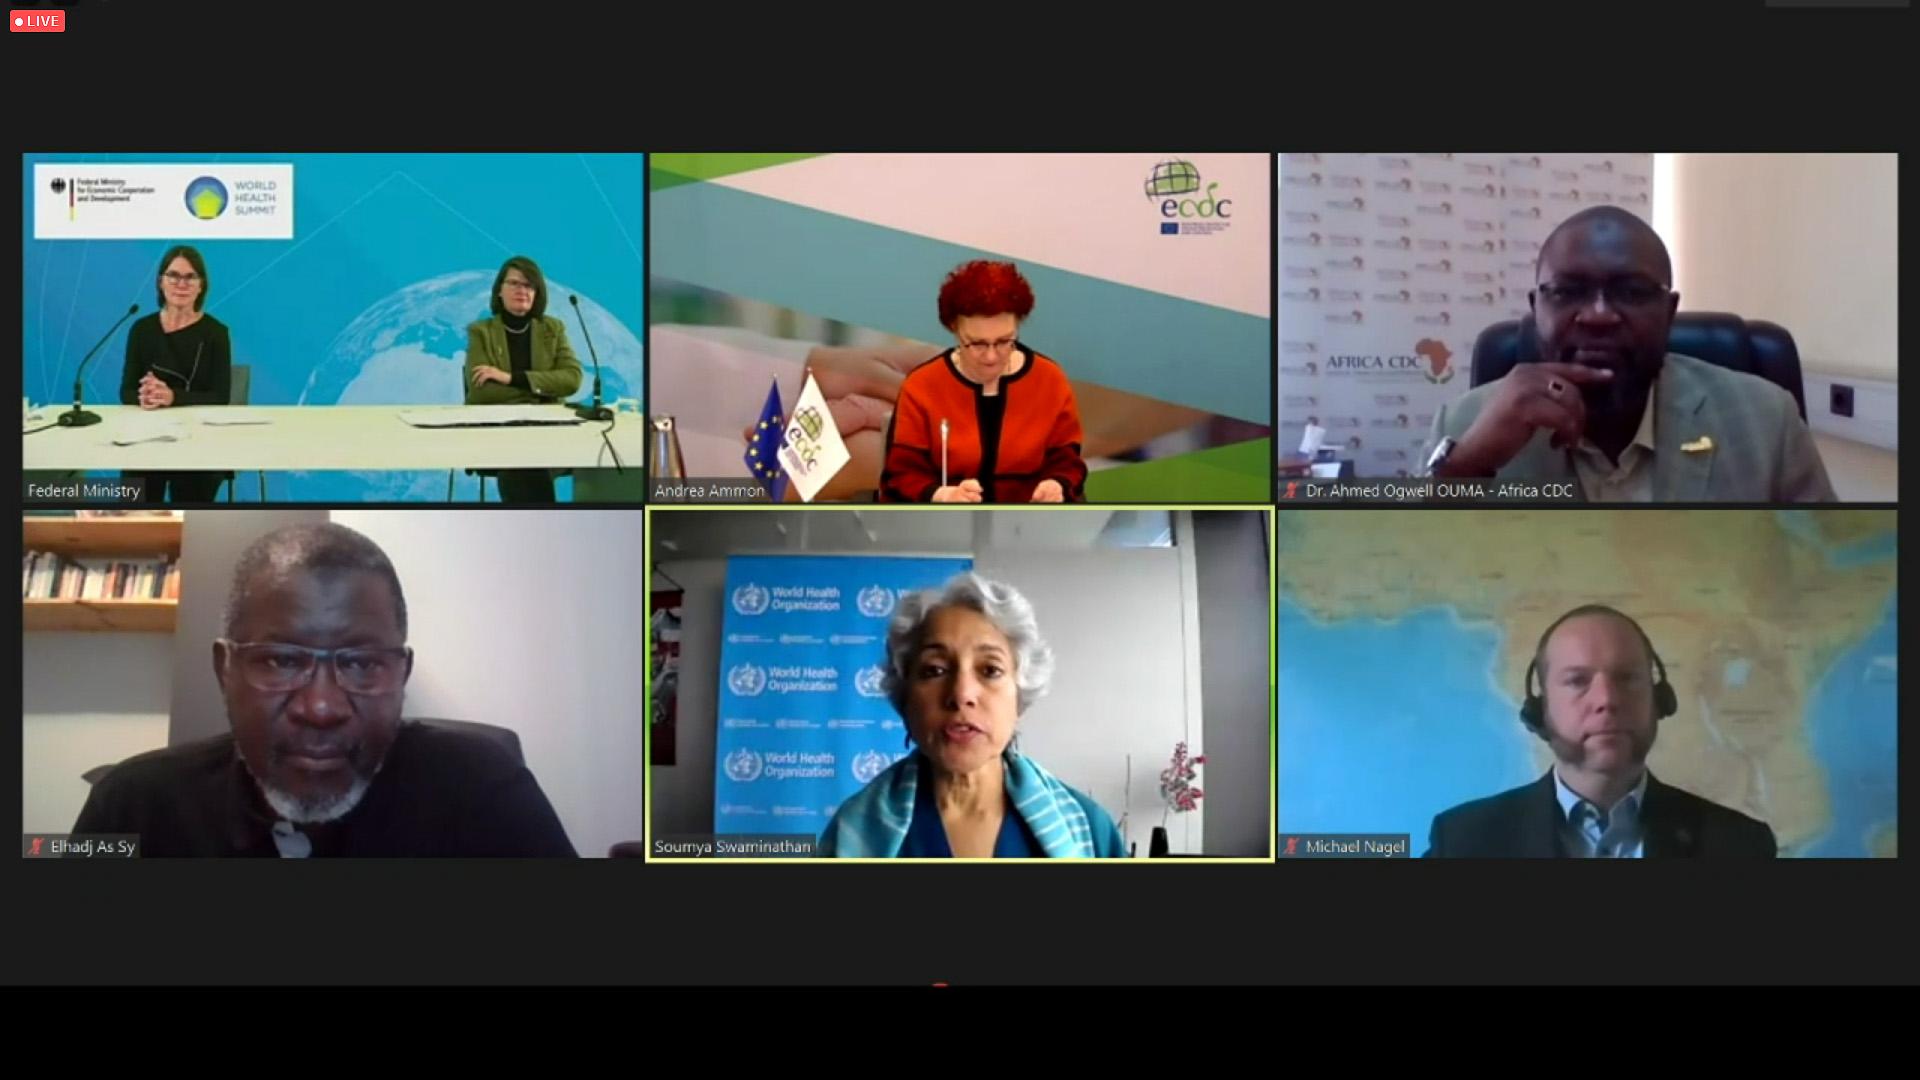 Teilnehmerinnen und Teilnehmer des World Health Summit, der in digitaler Form abgehalten wurde